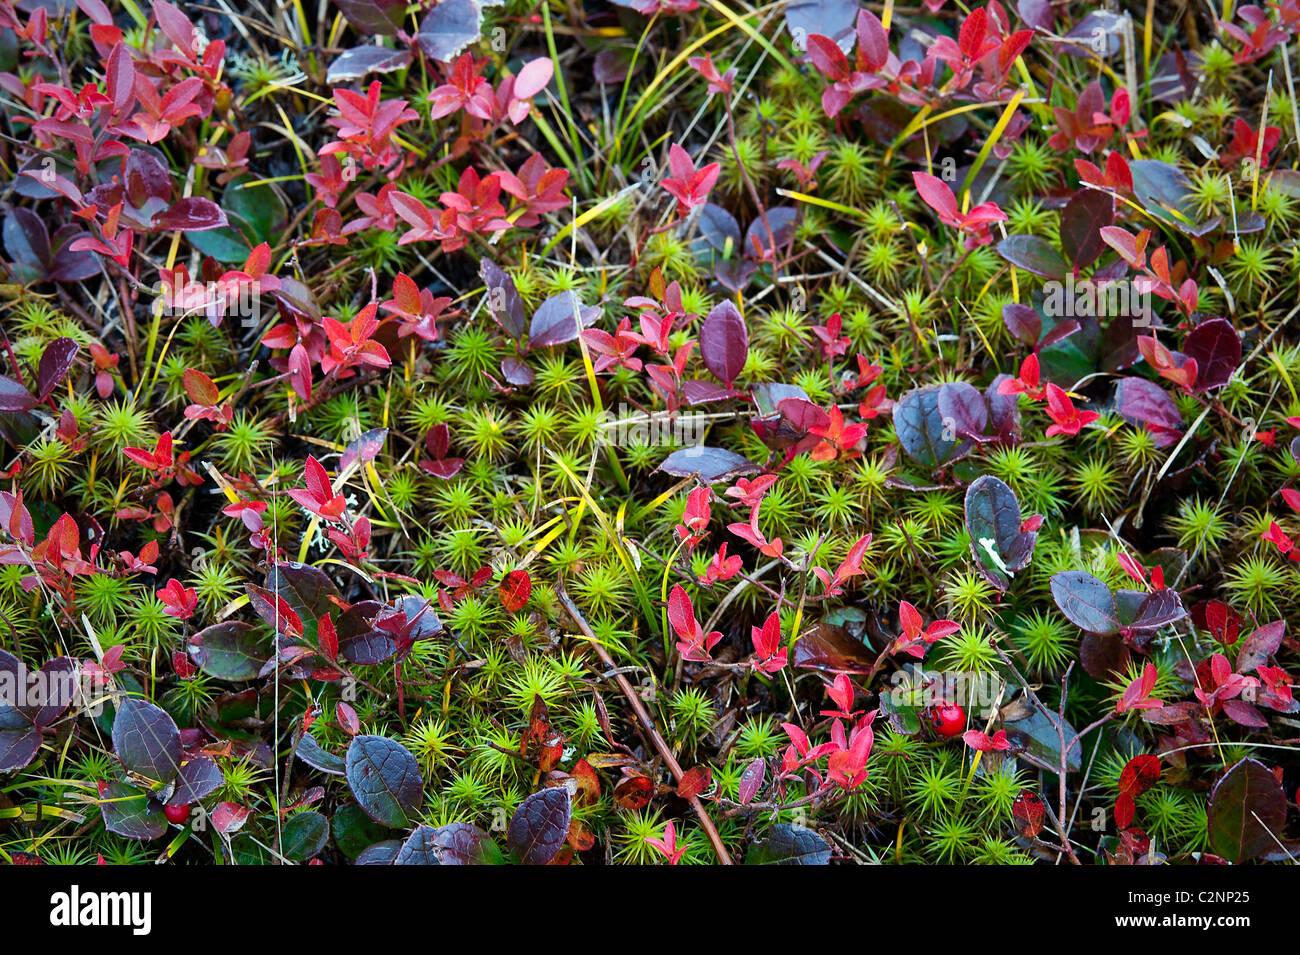 bunte bodendecker herbstpflanzen stockfoto bild 36128349. Black Bedroom Furniture Sets. Home Design Ideas